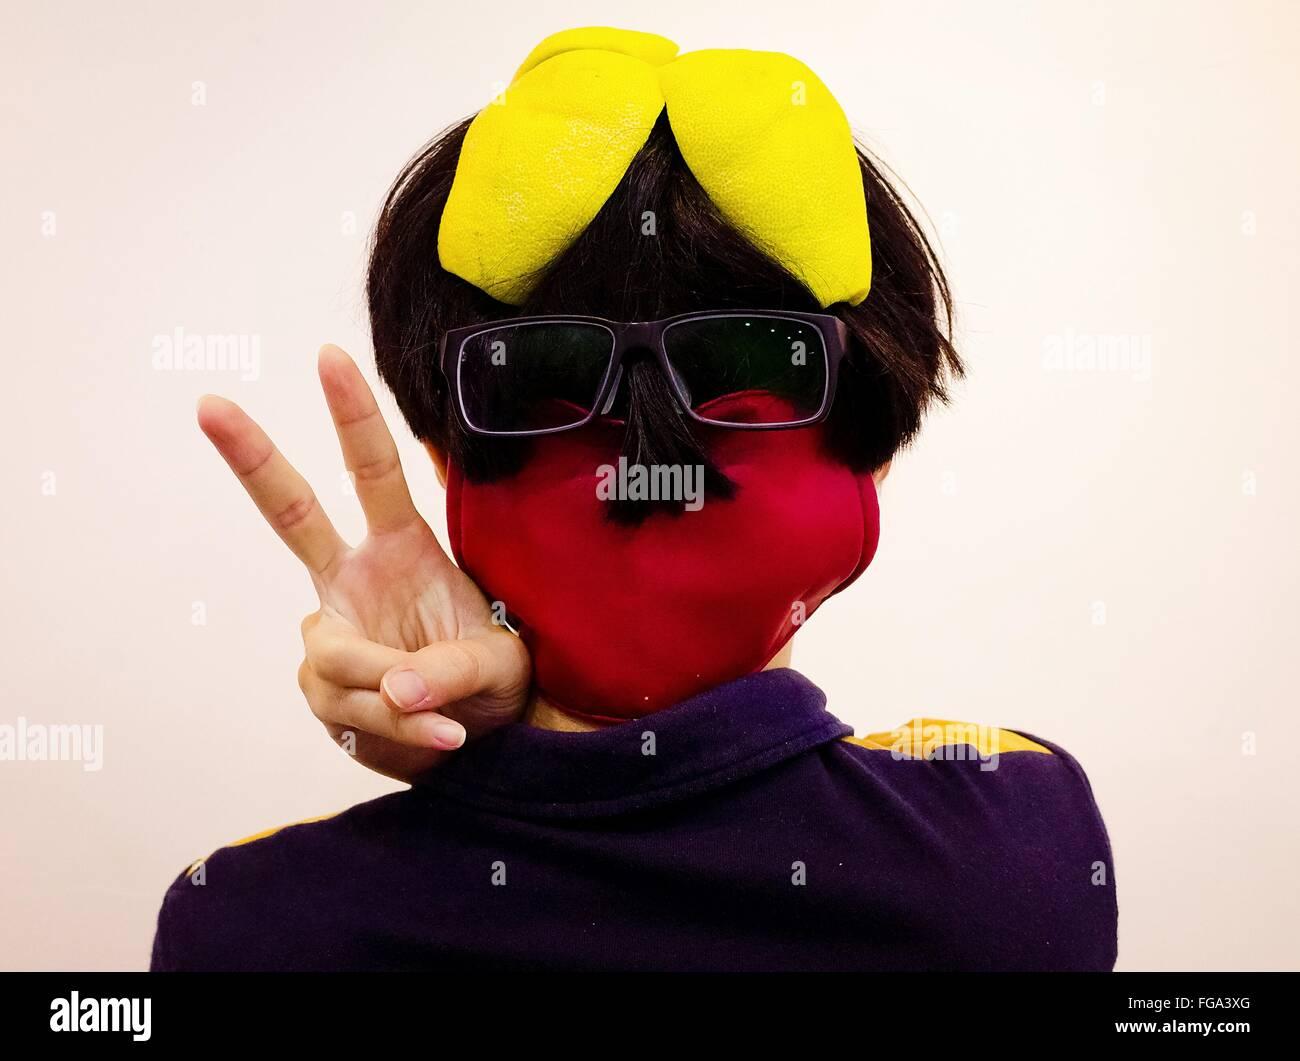 Vista trasera de la persona con gafas y máscara mostrando signos de paz contra el fondo blanco. Imagen De Stock